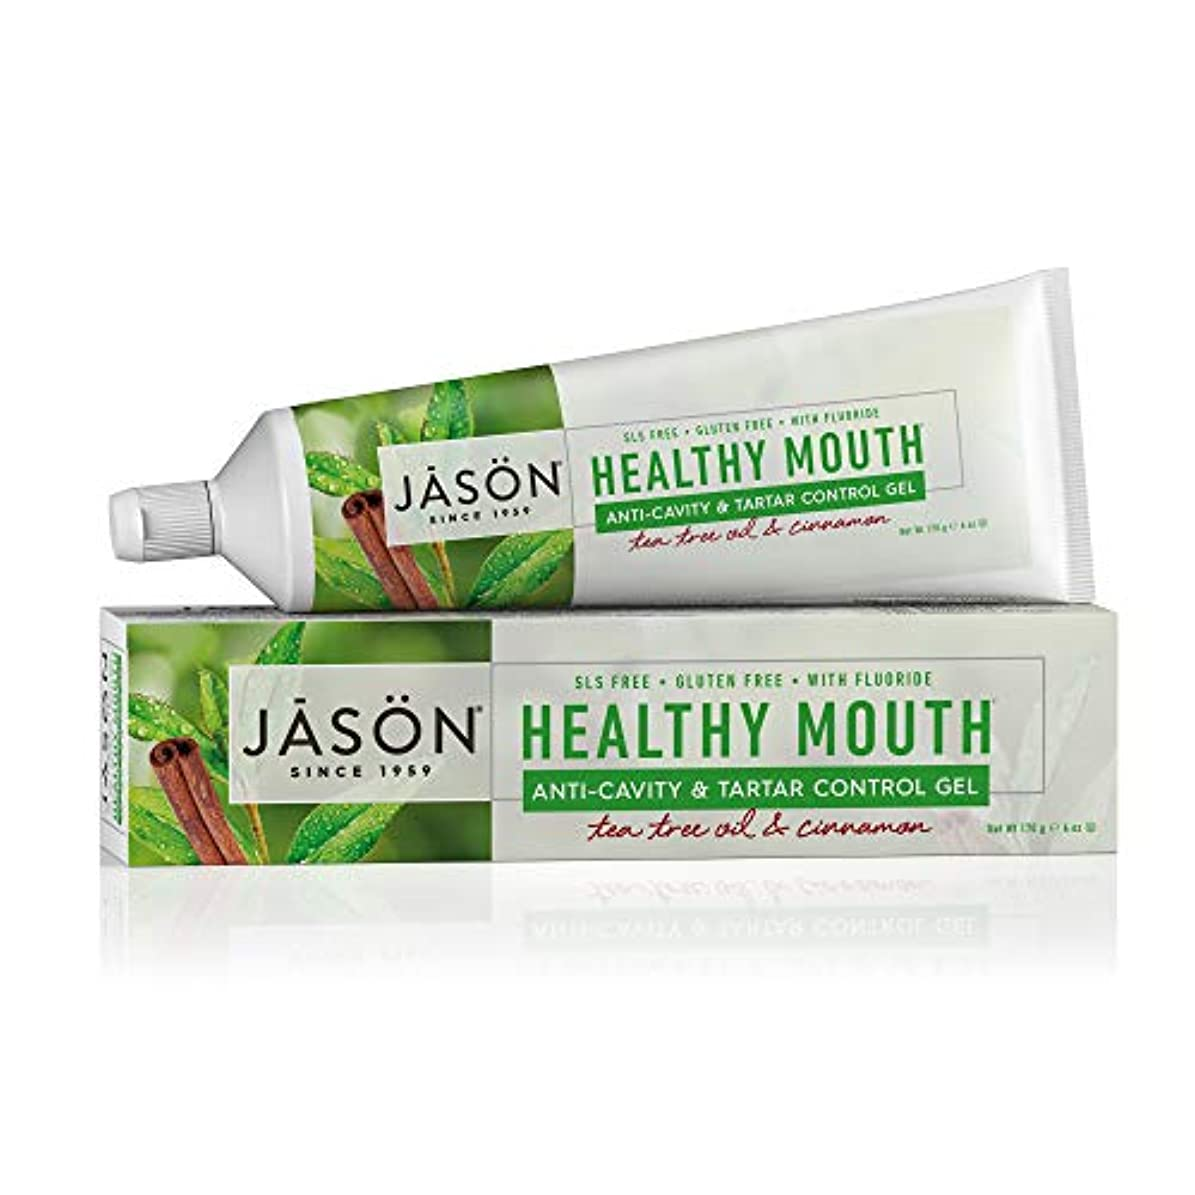 プランテーション動物戦闘Jason 健康な口抗歯垢&タルタルコントロールハミガキティーツリーオイル&シナモン、6オンス